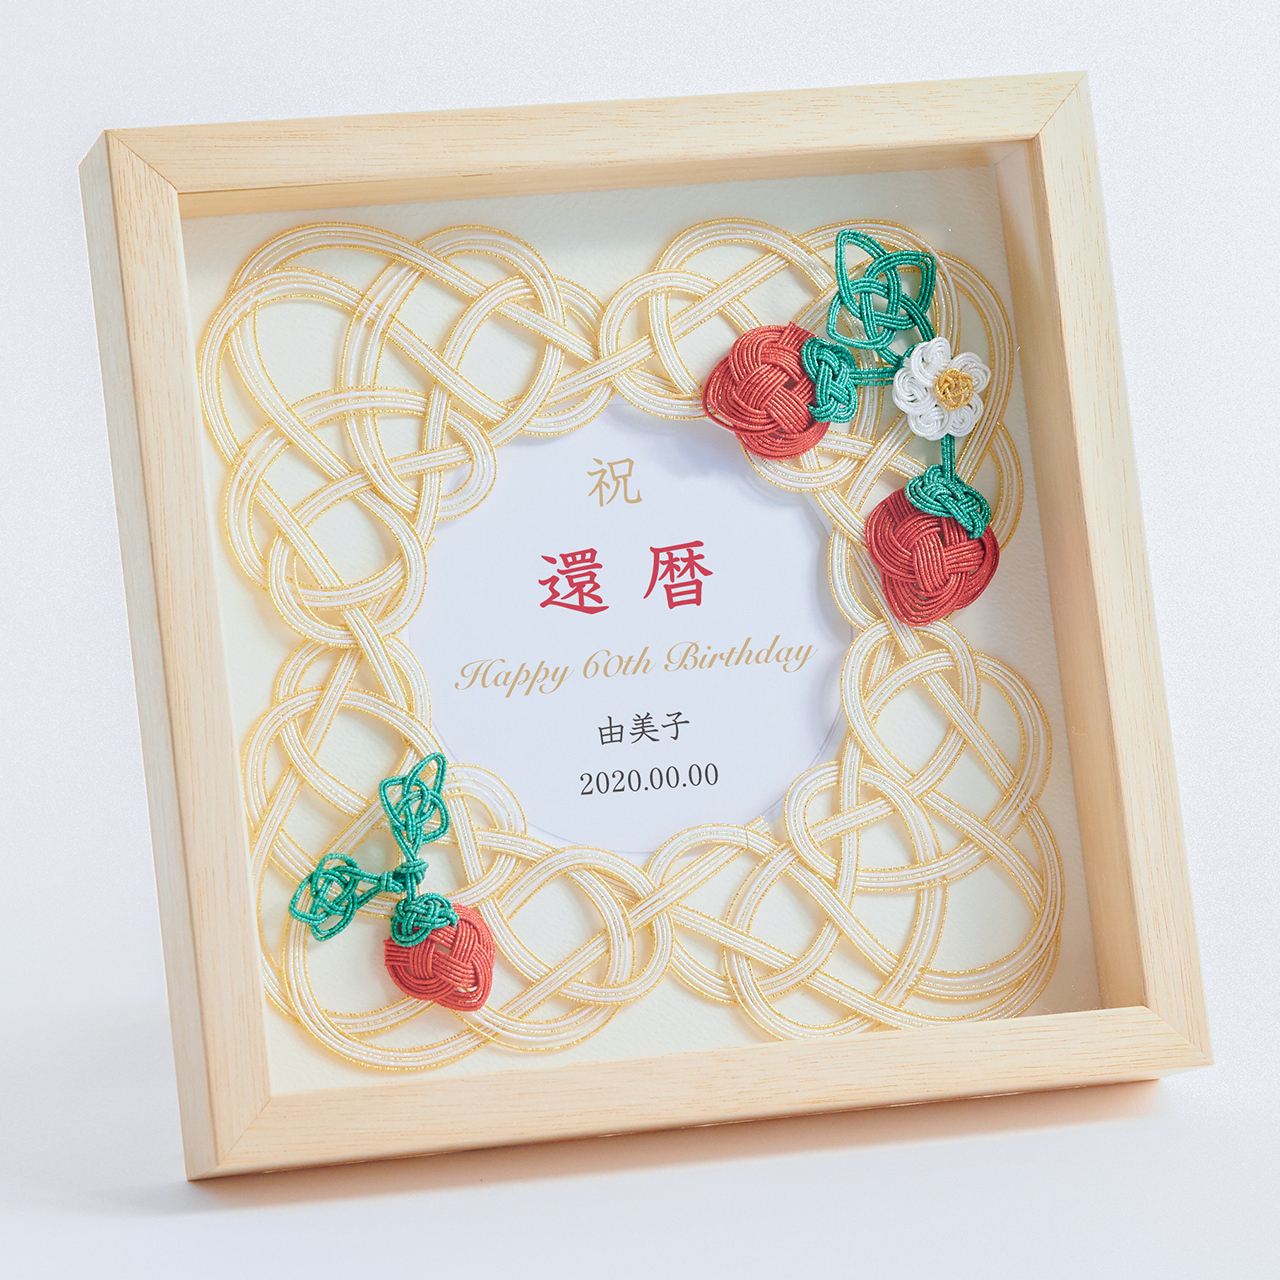 【オーダーギフト】水引お祝いフレーム いちご